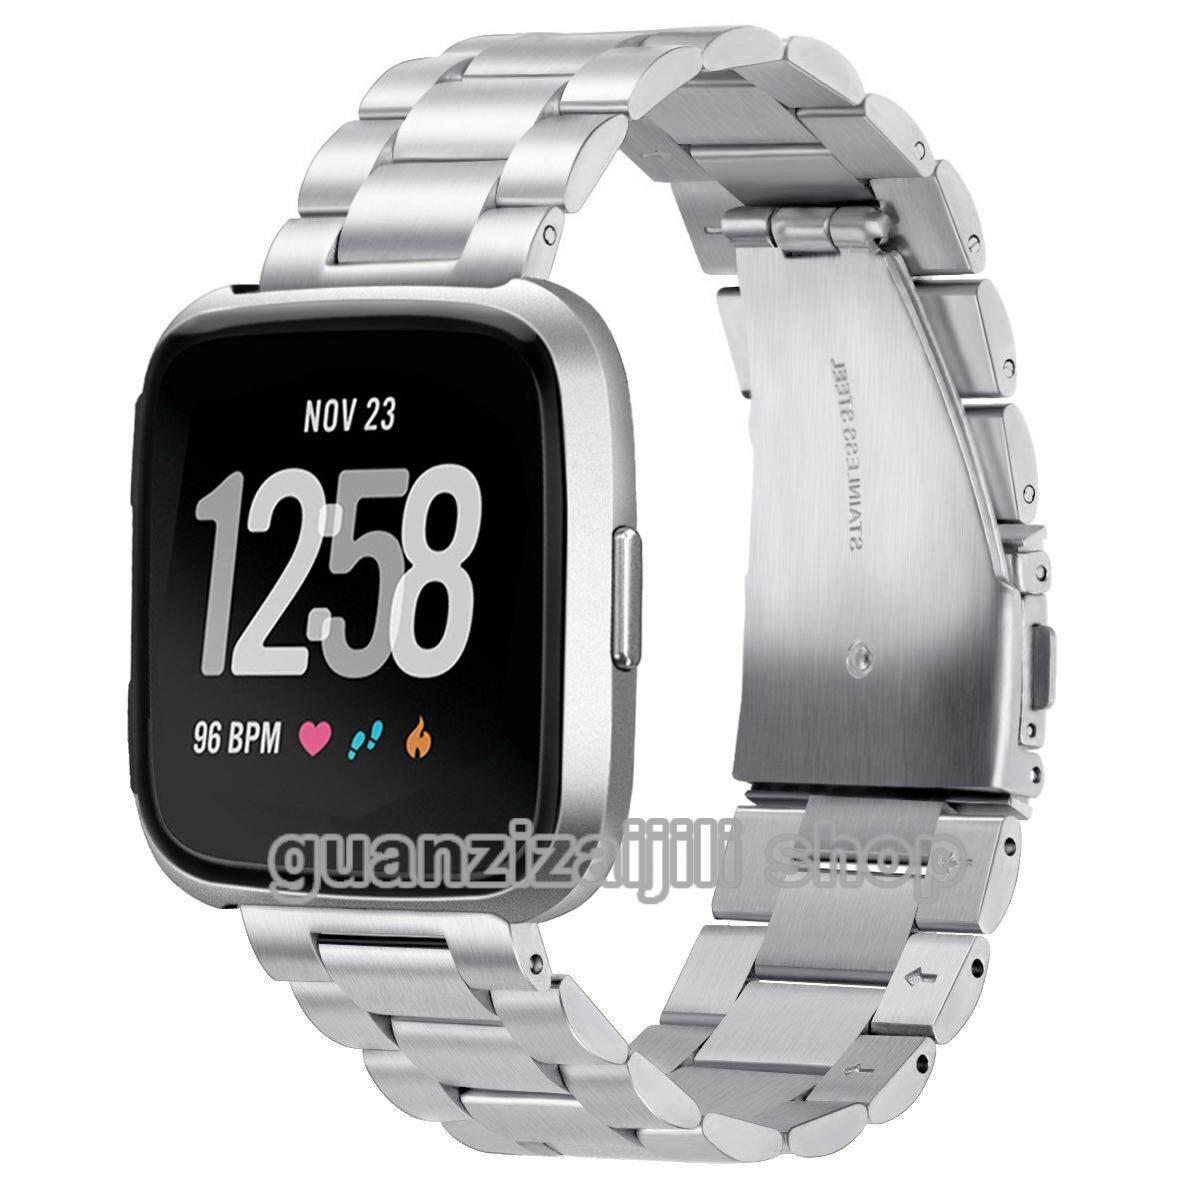 Baja Anti Karat Gelang Jam Tali untuk Fitbit Sebaliknya Smartwatch